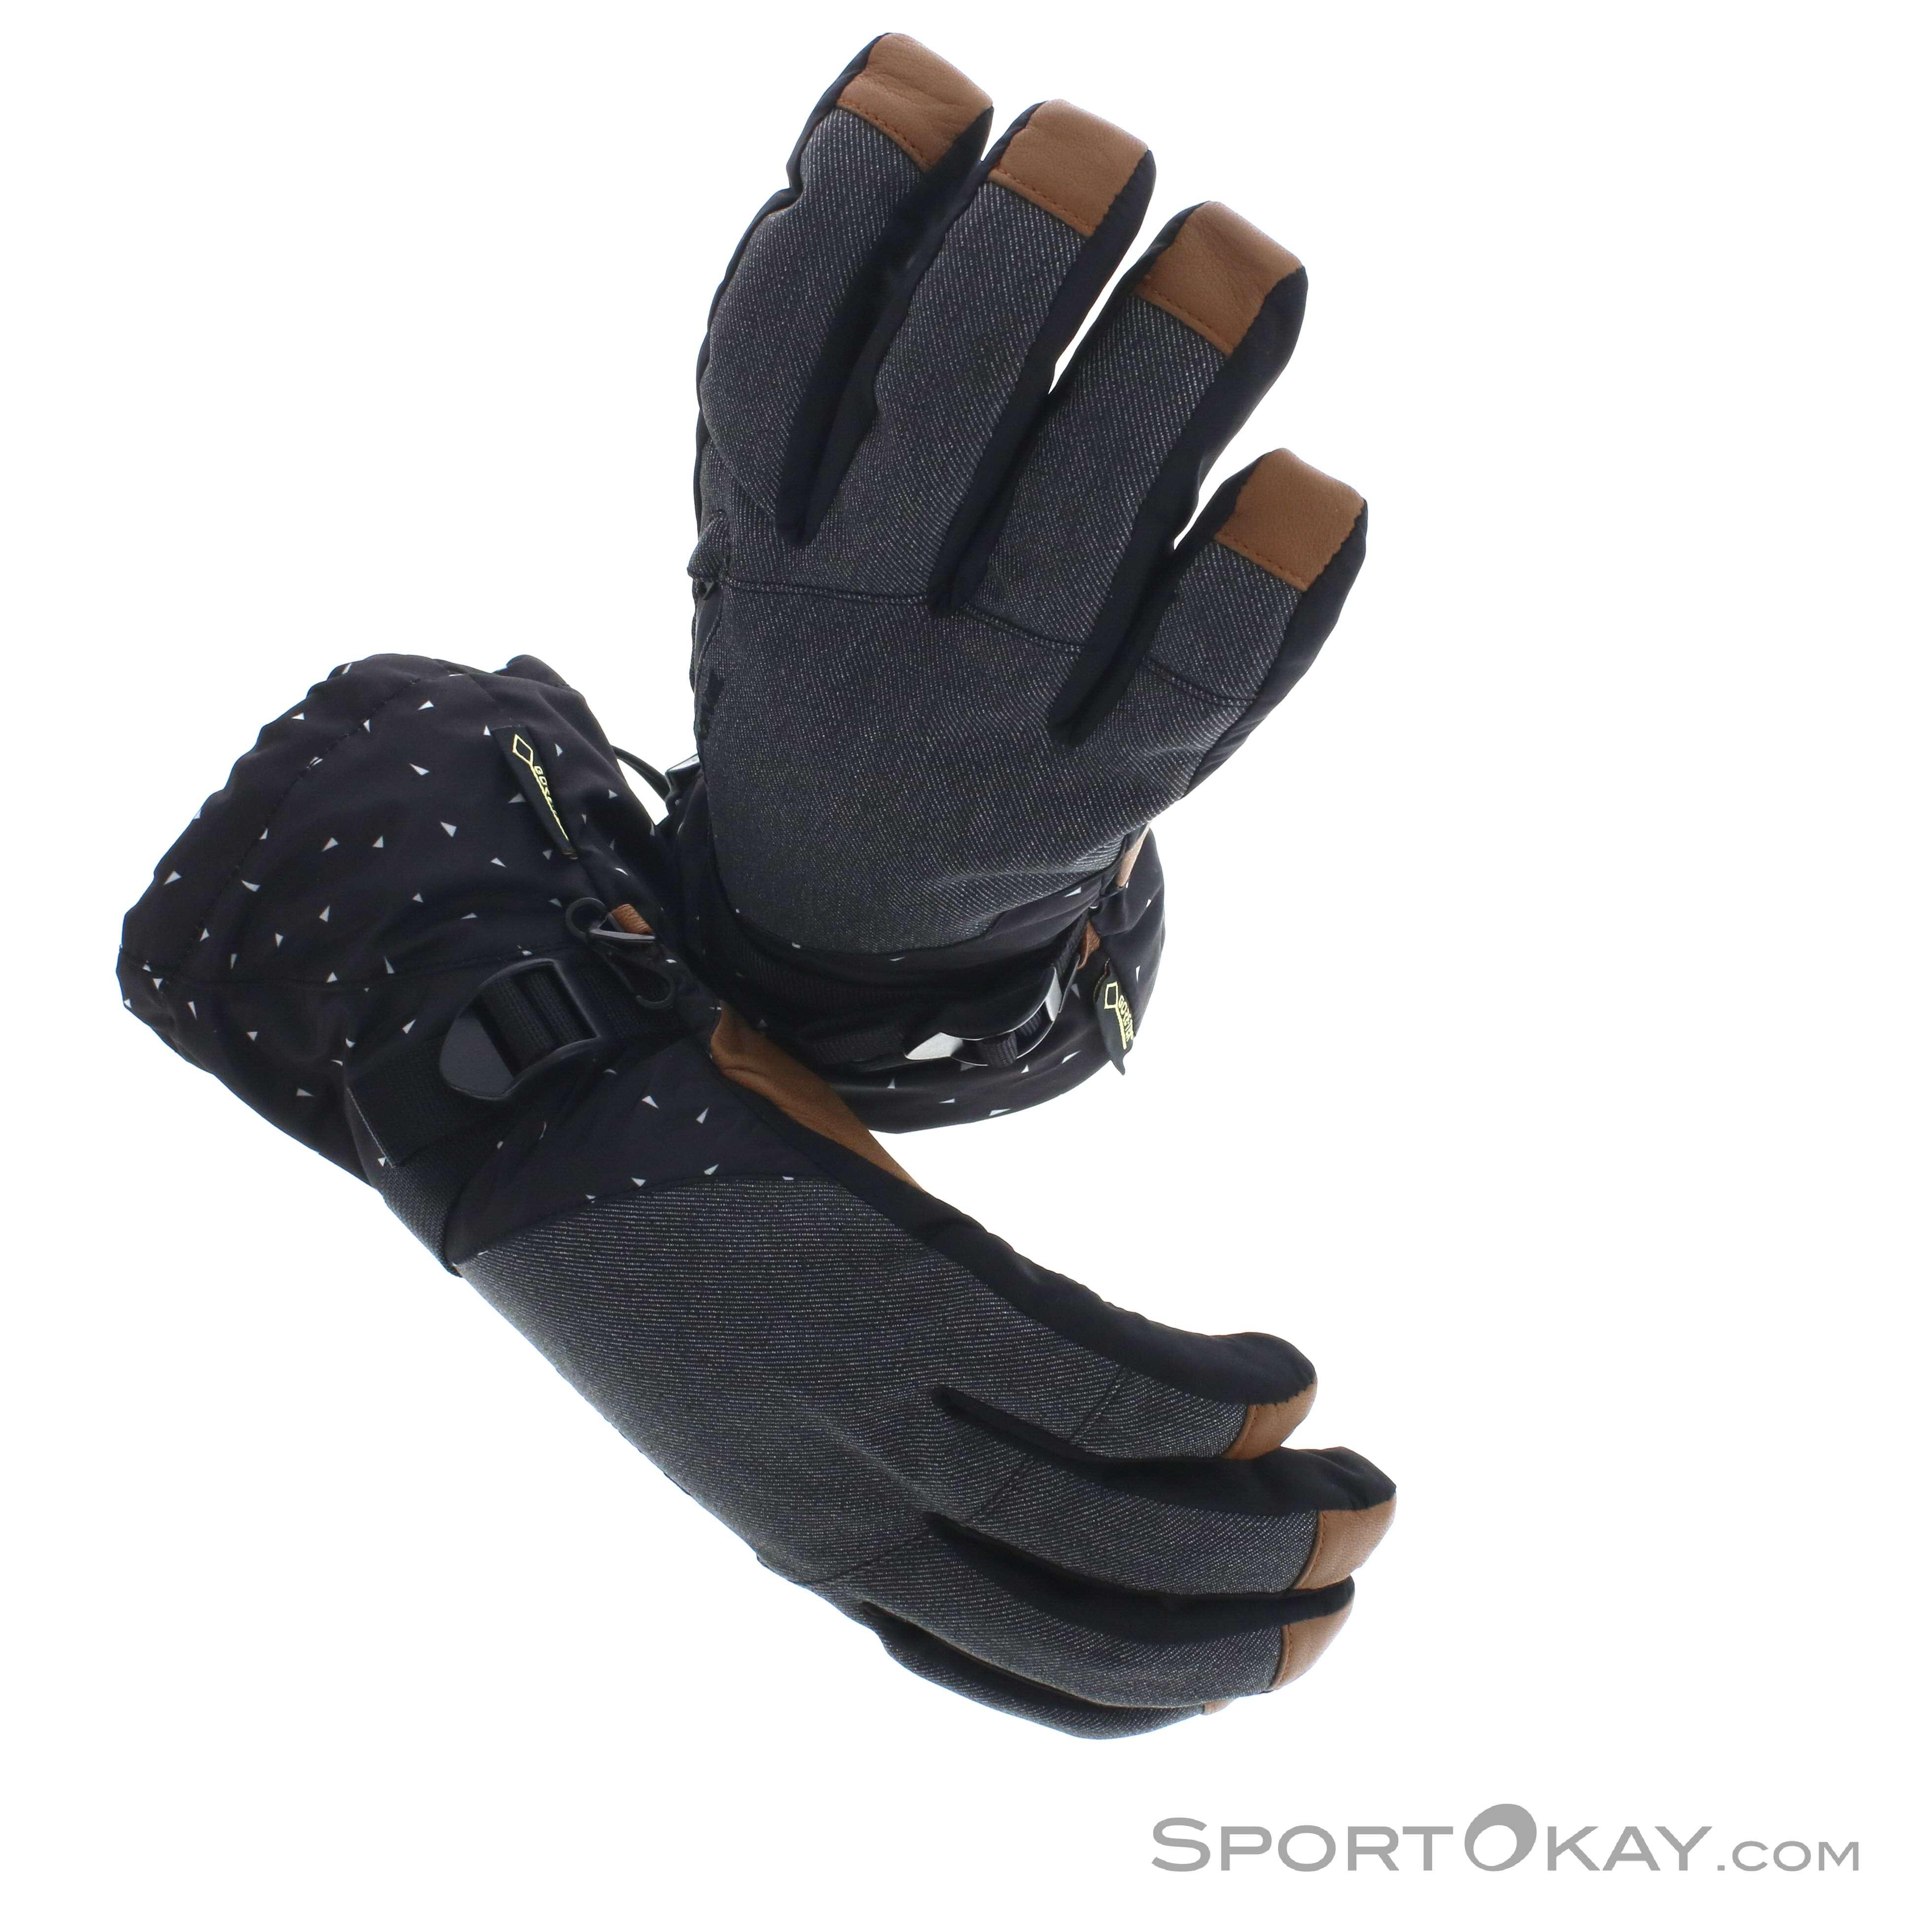 02517a29f8d6c Dakine Sequoia Glove Leather Damen Handschuhe Gore-Tex ...